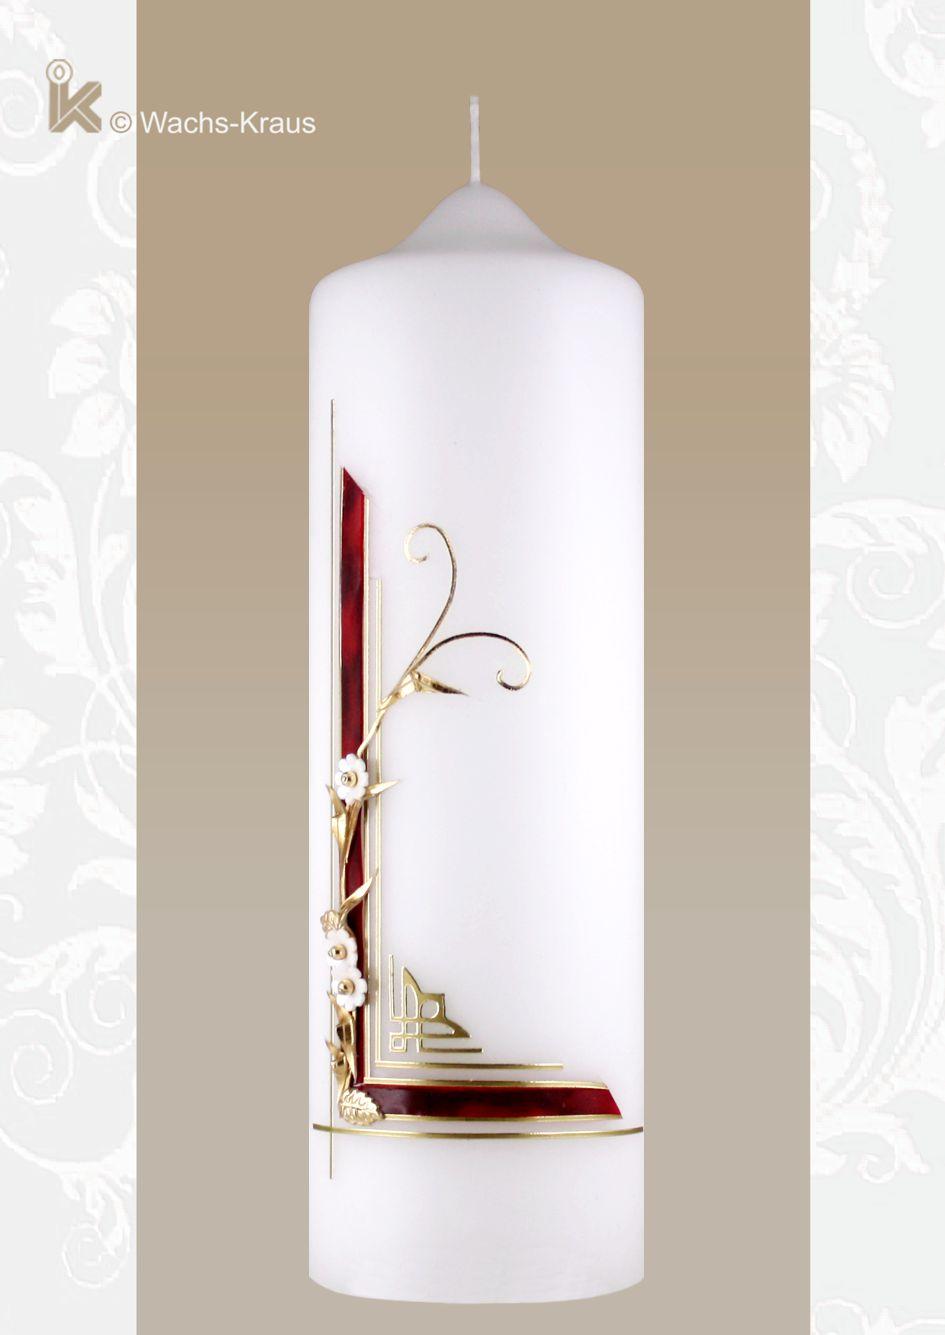 Elegant gestaltet Geburtstagskerze mit einer geflammt-roten Wachsplatte und goldfarbenen Zierstreifen, und einer Blumenranke.